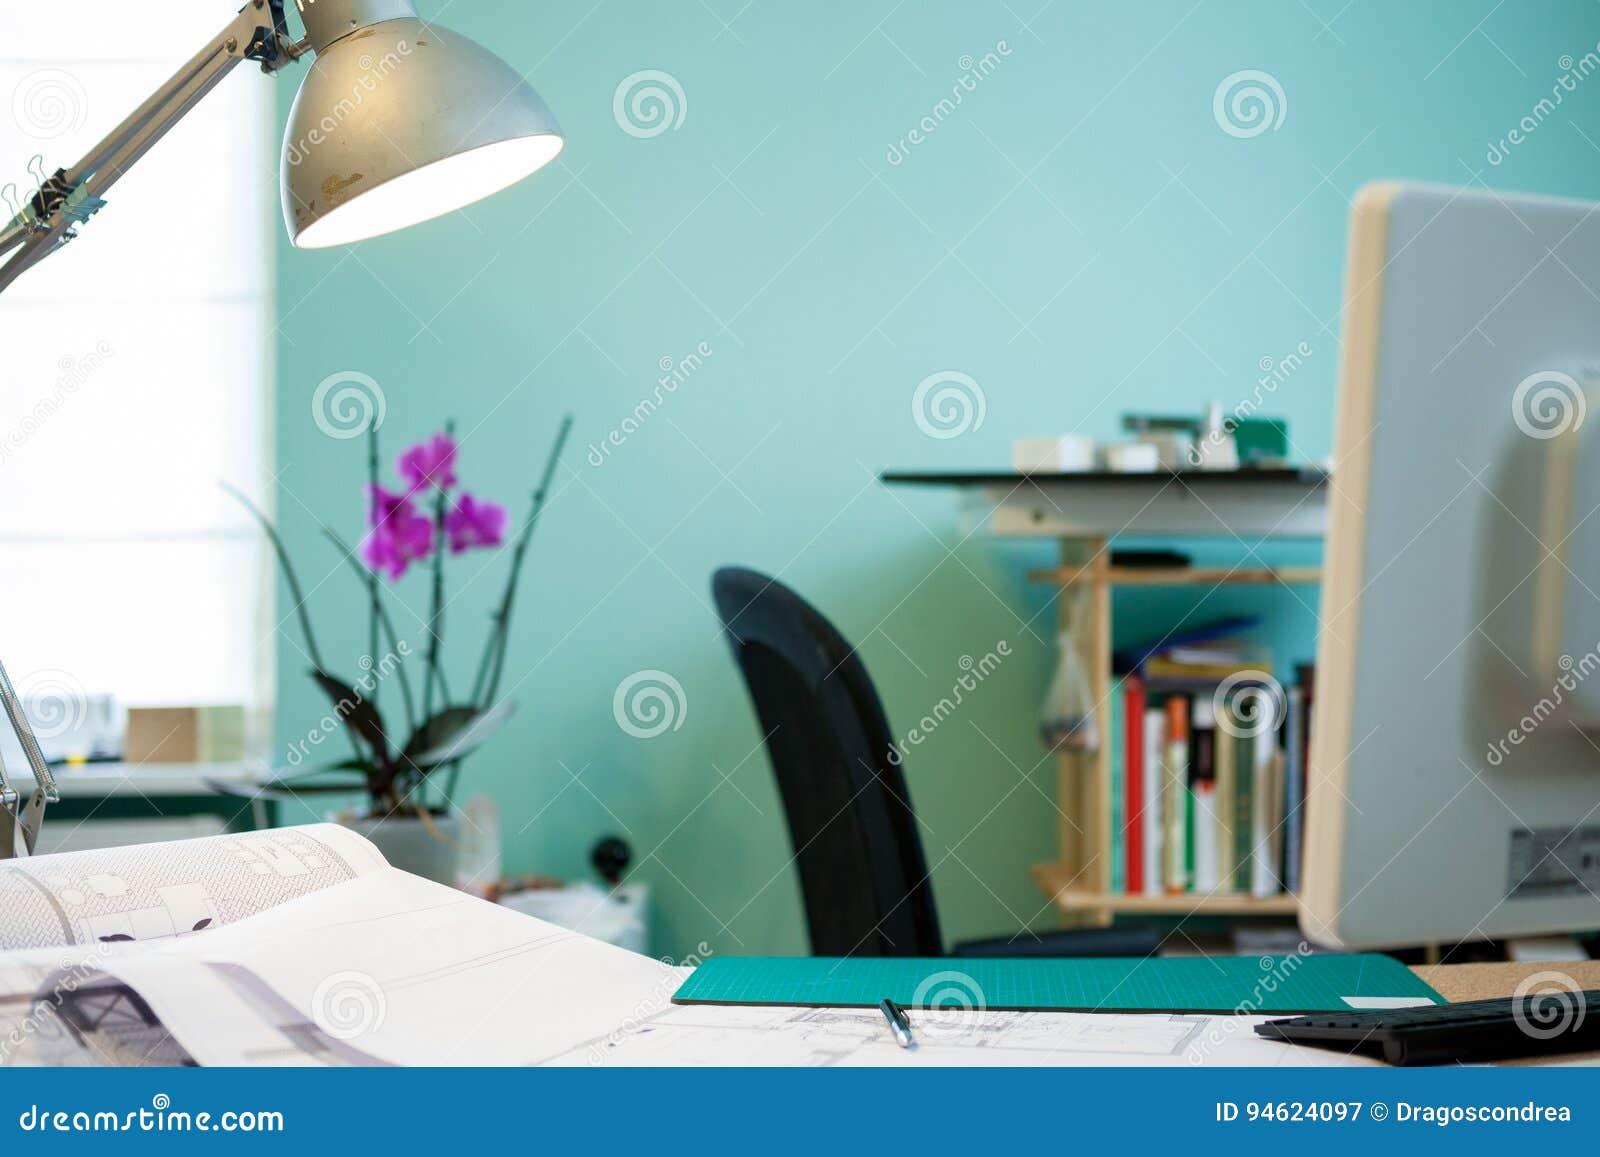 Bureau d architecte avec des modèles sur la table image stock